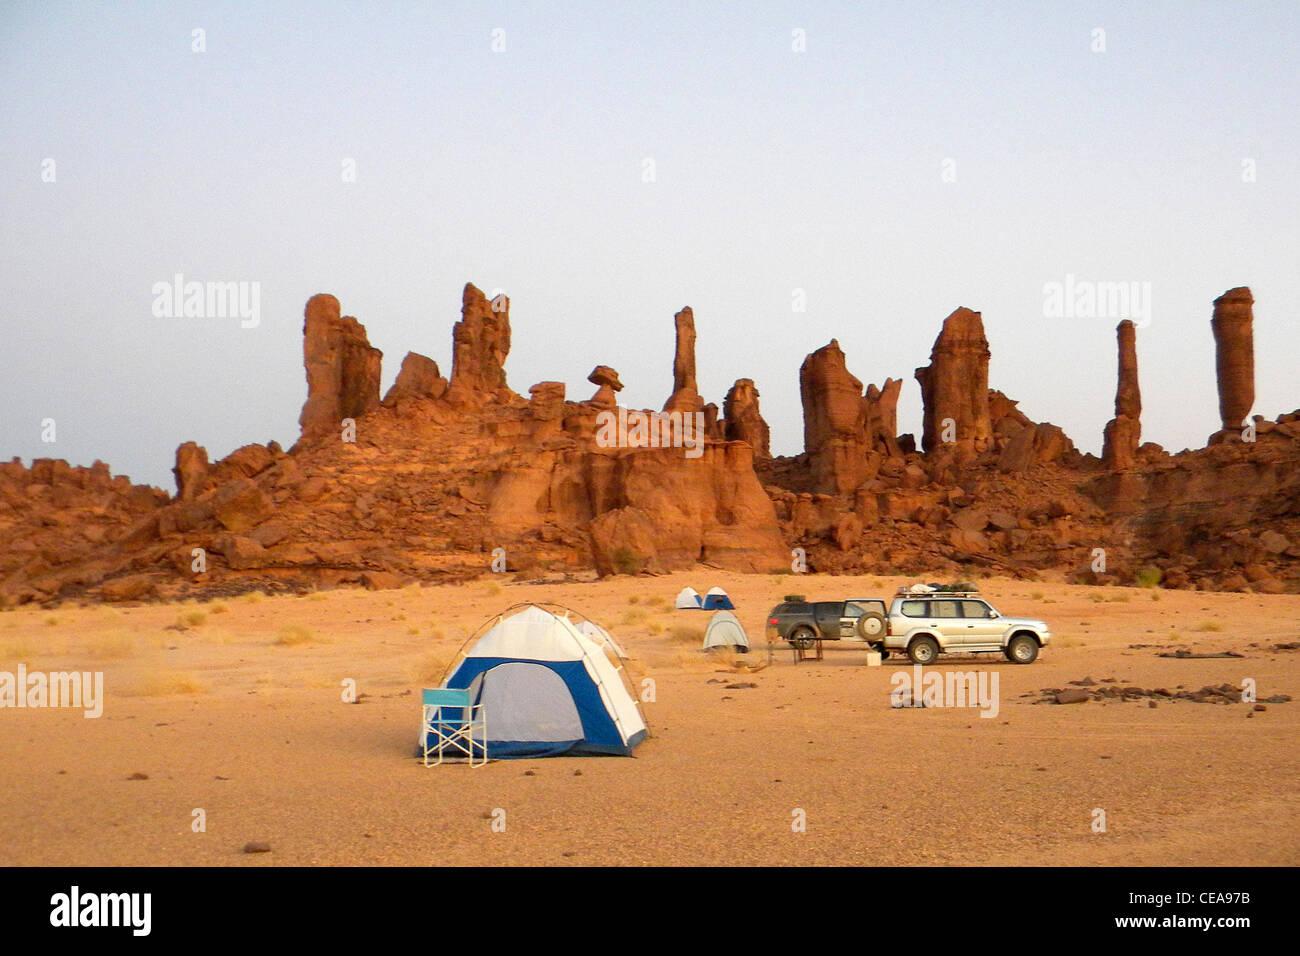 Campsite, Ennedi region, Chad - Stock Image